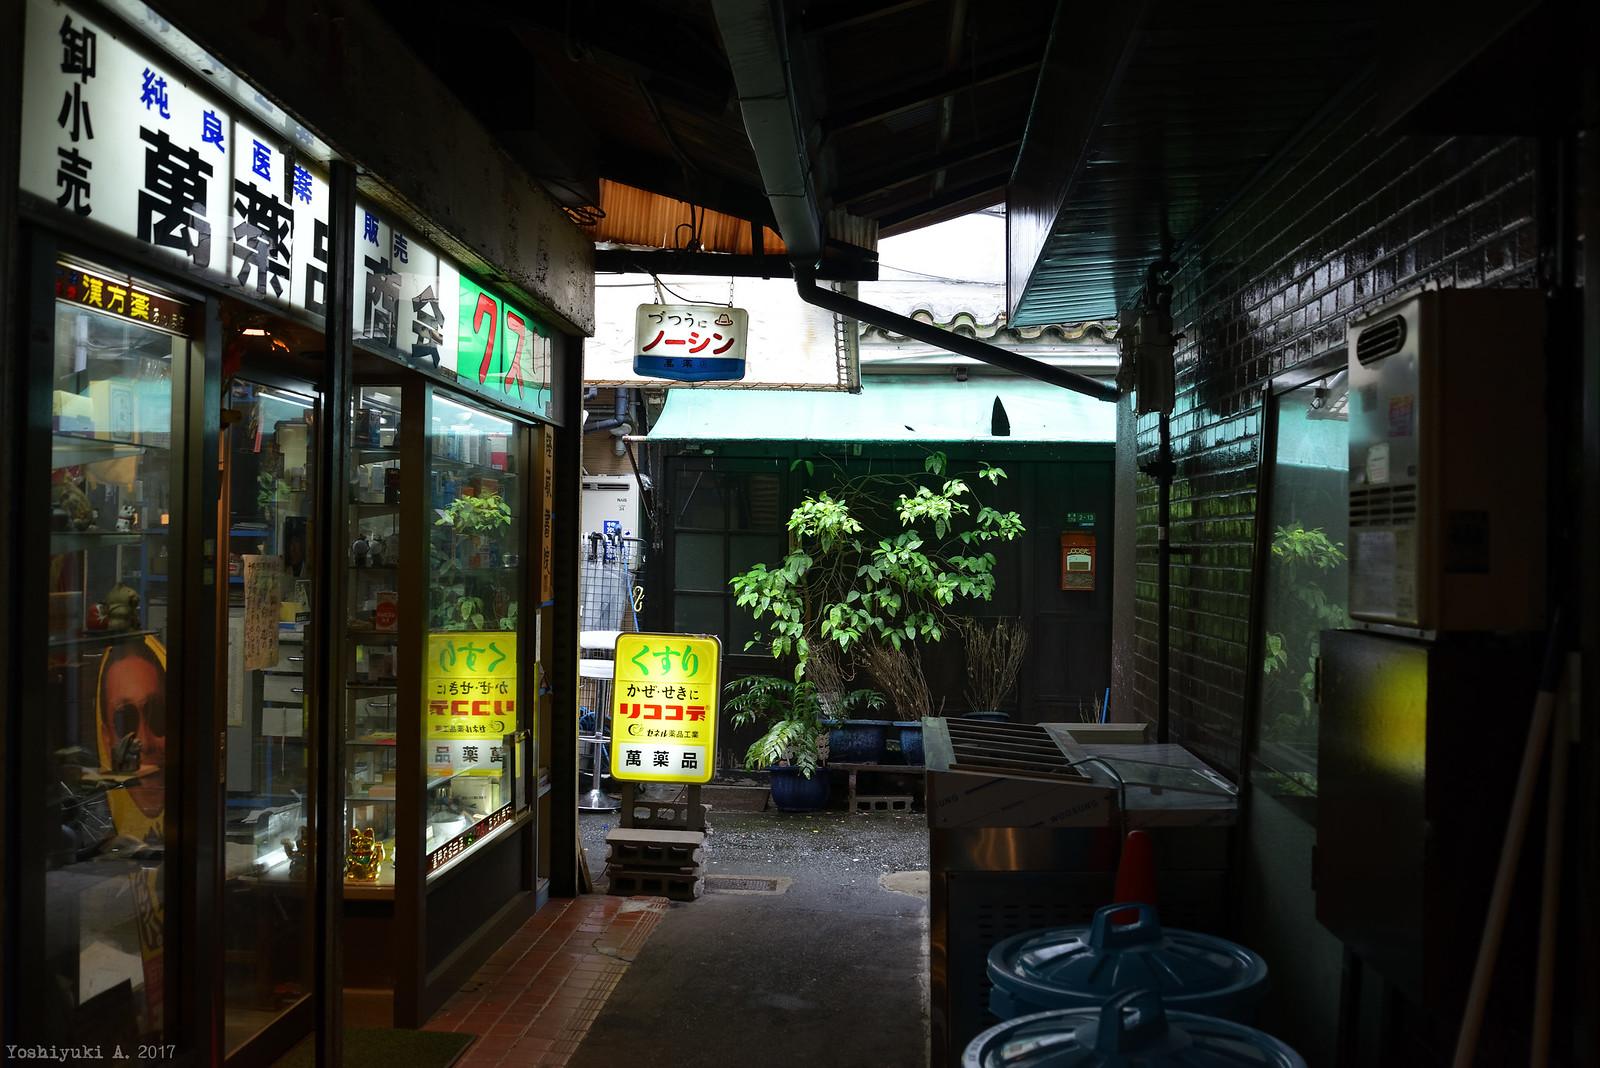 鶴橋_DS7_9585_nxd